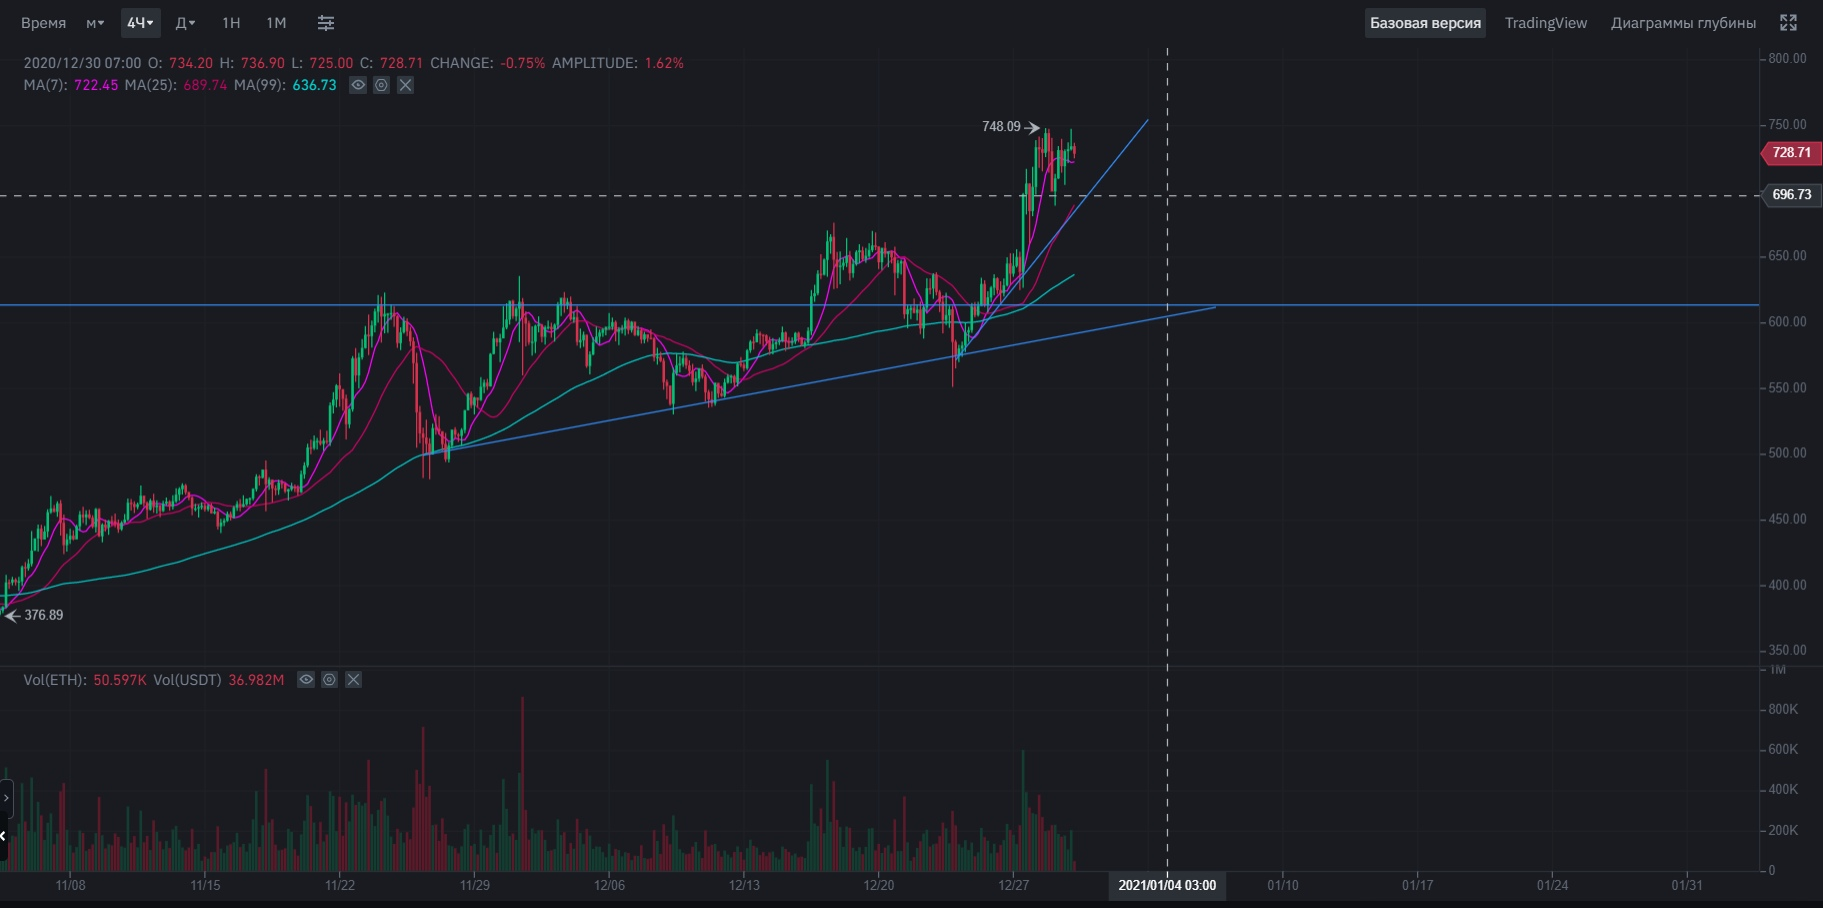 Технический анализ цены Ethereum за 30 декабря 2020 года